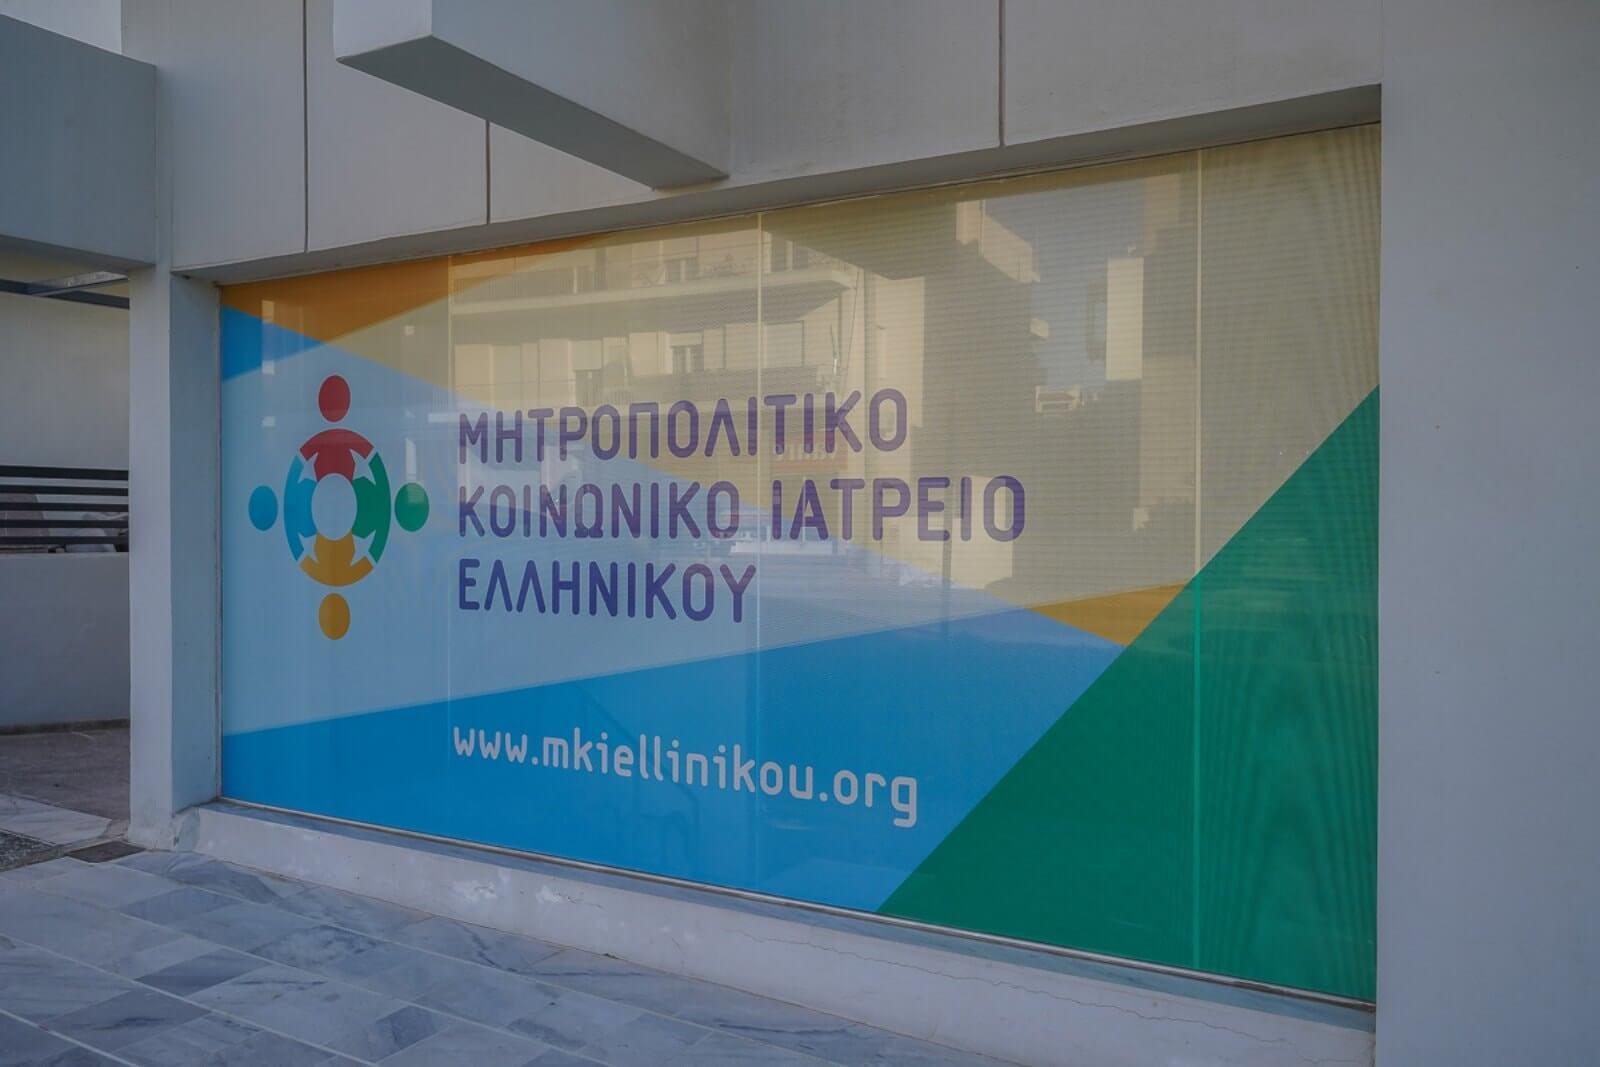 Στη Γλυφάδα λειτουργεί από σήμερα το Μητροπολιτικό Κοινωνικό Ιατρείο Ελληνικού